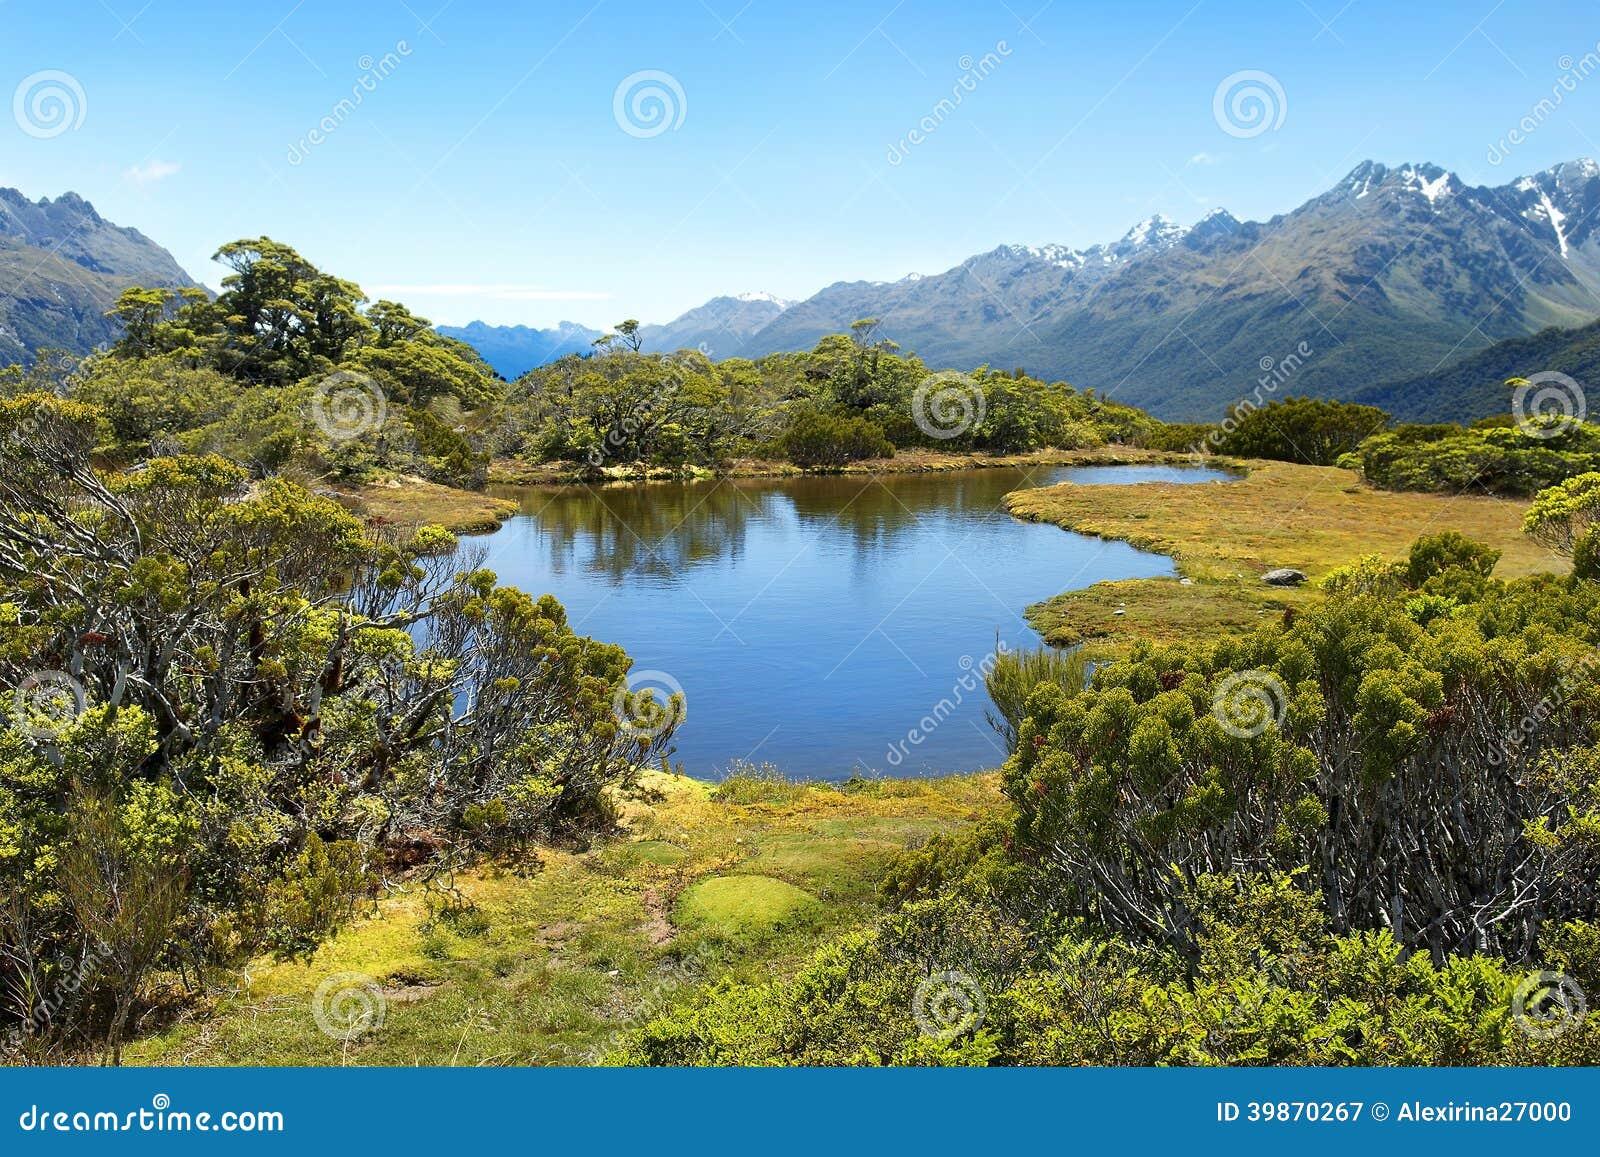 Matrimonio In Nuova Zelanda : Paesaggi magnifici della nuova zelanda immagine stock